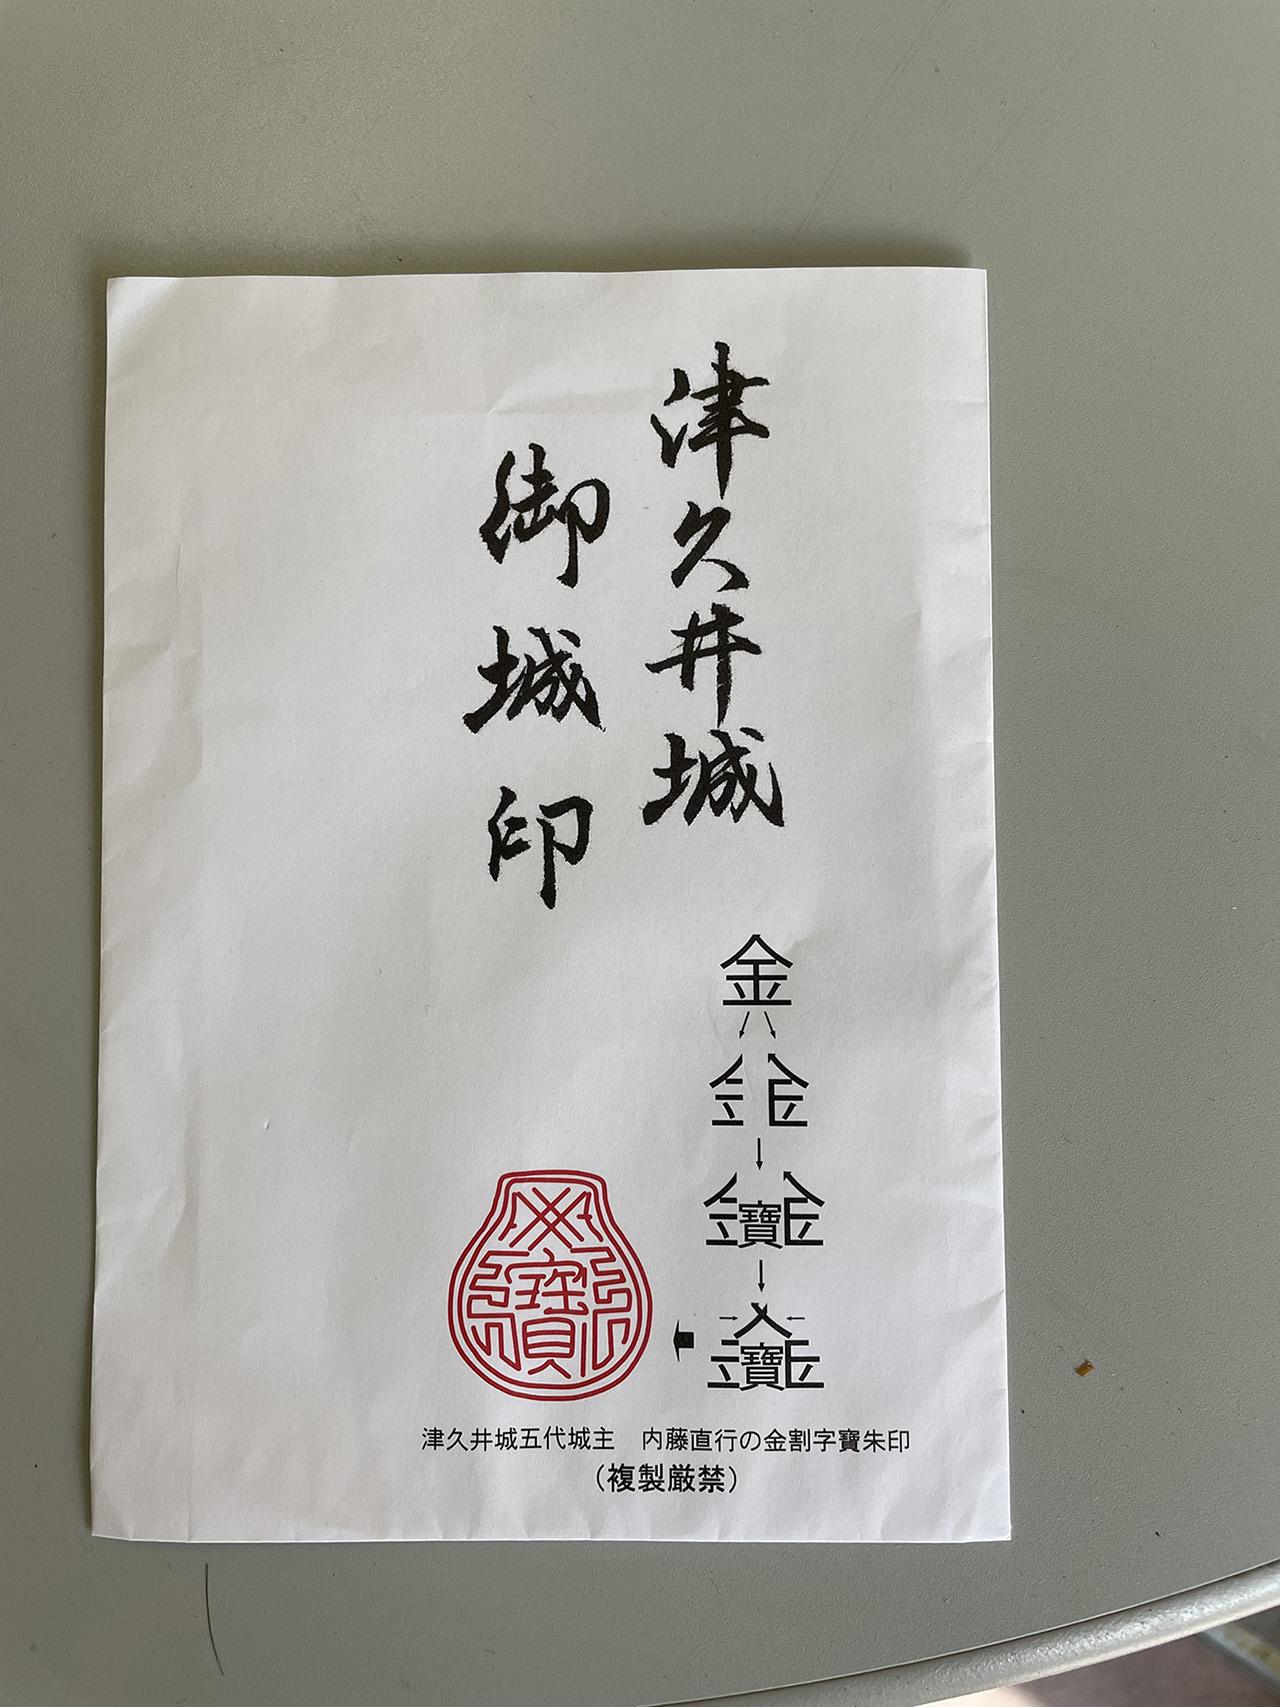 津久井城の御城印